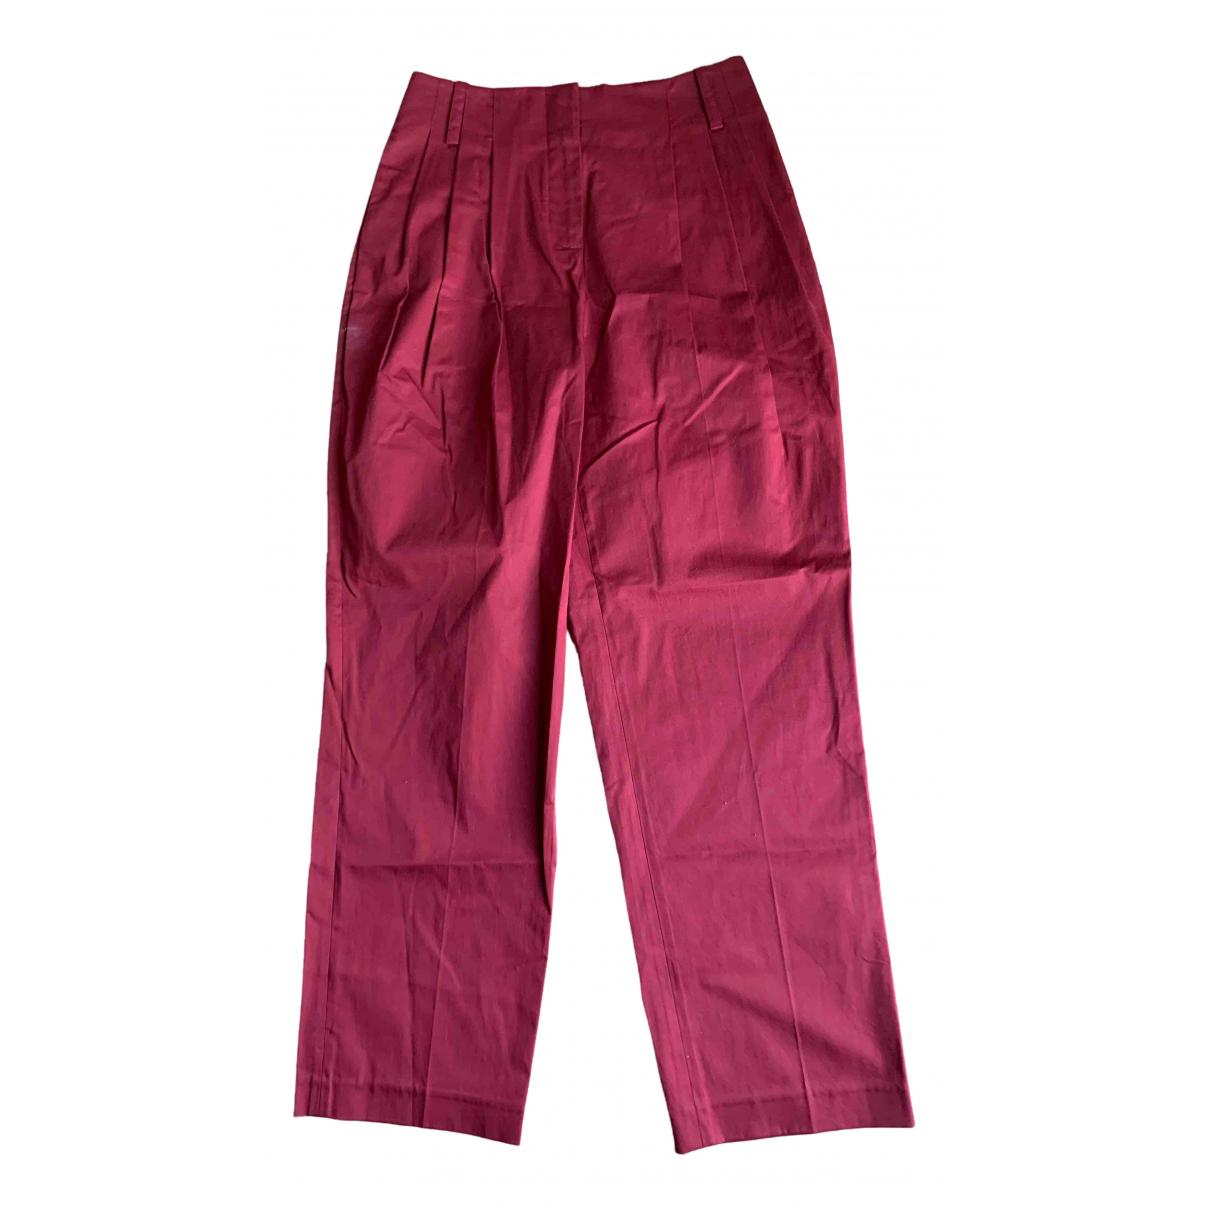 Diane Von Furstenberg N Red Cotton Trousers for Women 2 US